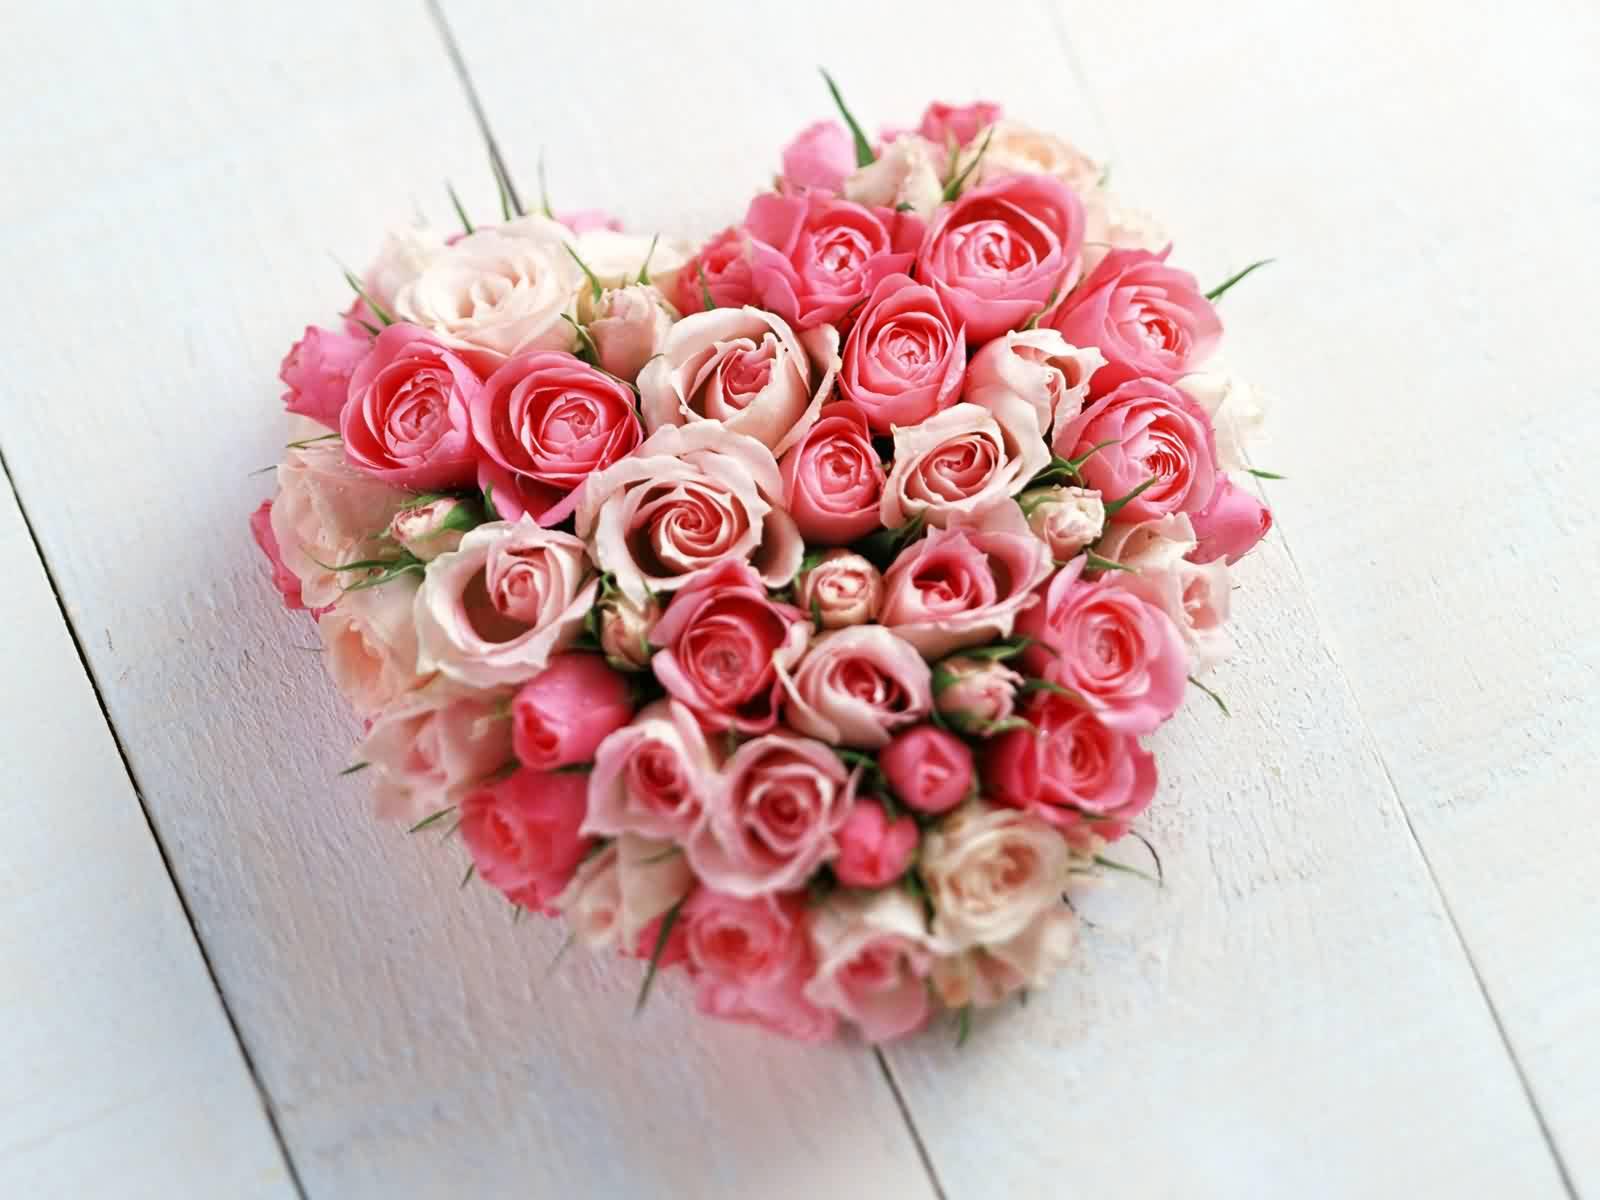 http://1.bp.blogspot.com/_JXmvxpiUj94/TFfyUWRCO8I/AAAAAAAAAxA/o7GX2wnHqLE/s1600/Trandafiri%20Poze%20Dragastoase.jpg